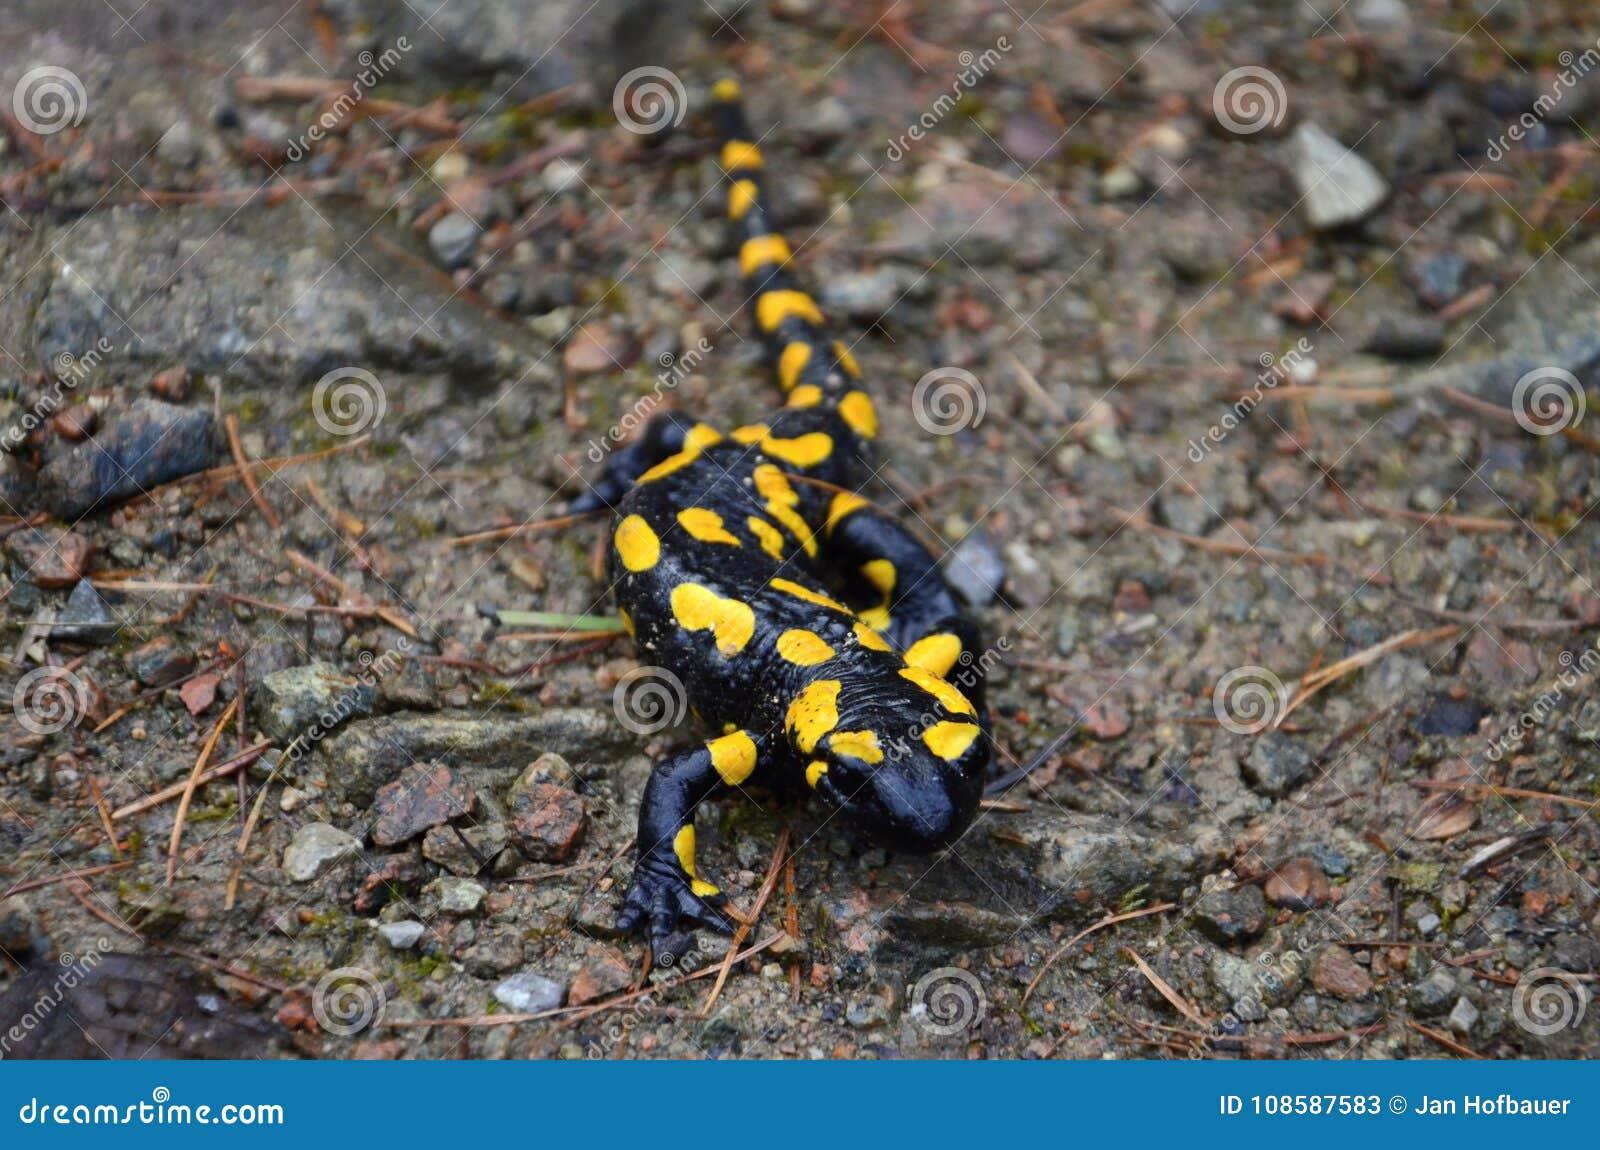 salamander stock image image of forest salamander 108587583